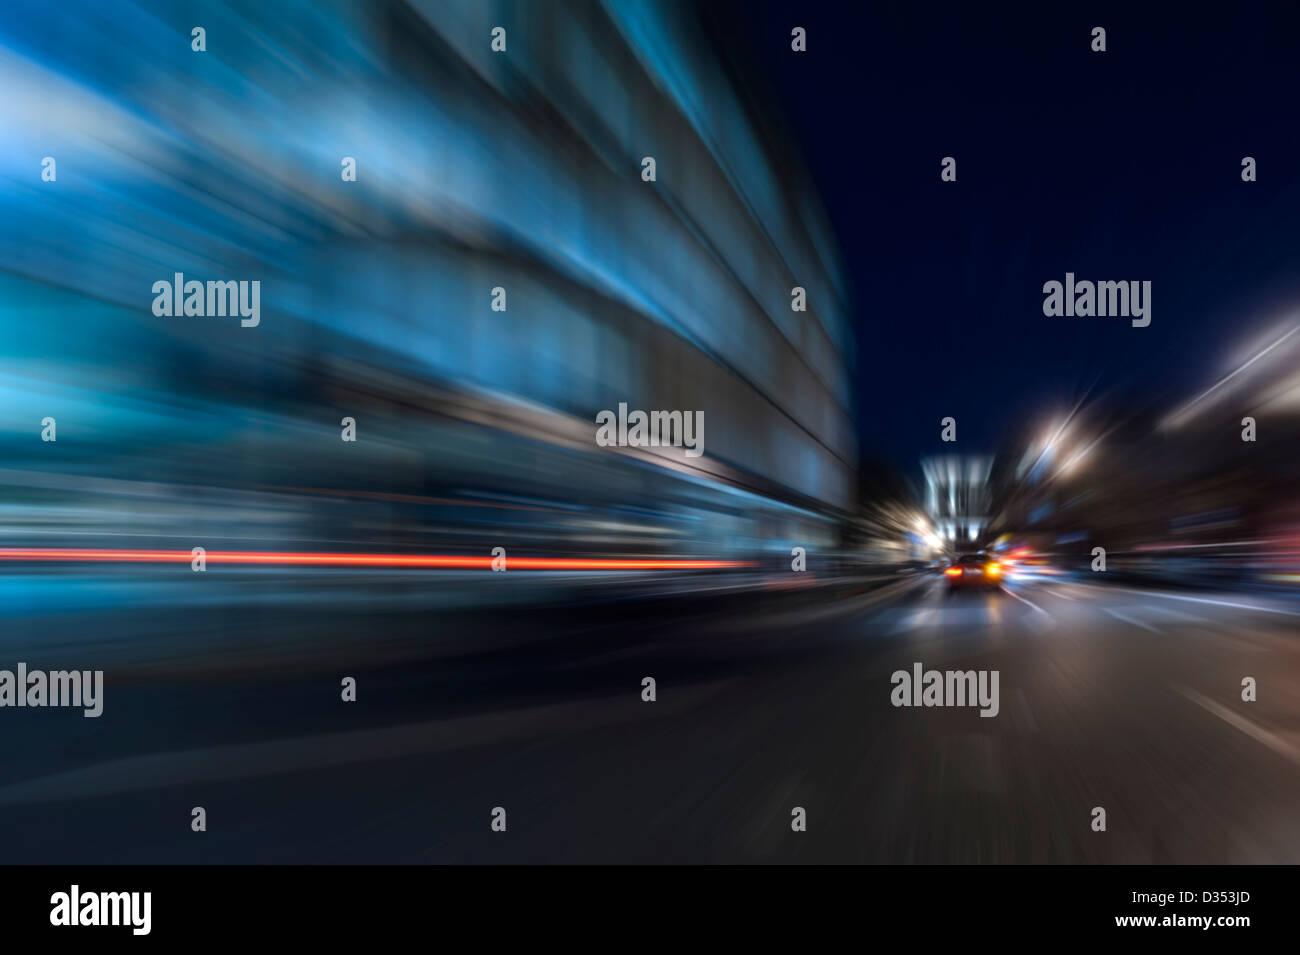 Di notte la velocità di accelerazione del movimento in astratto blu Immagini Stock